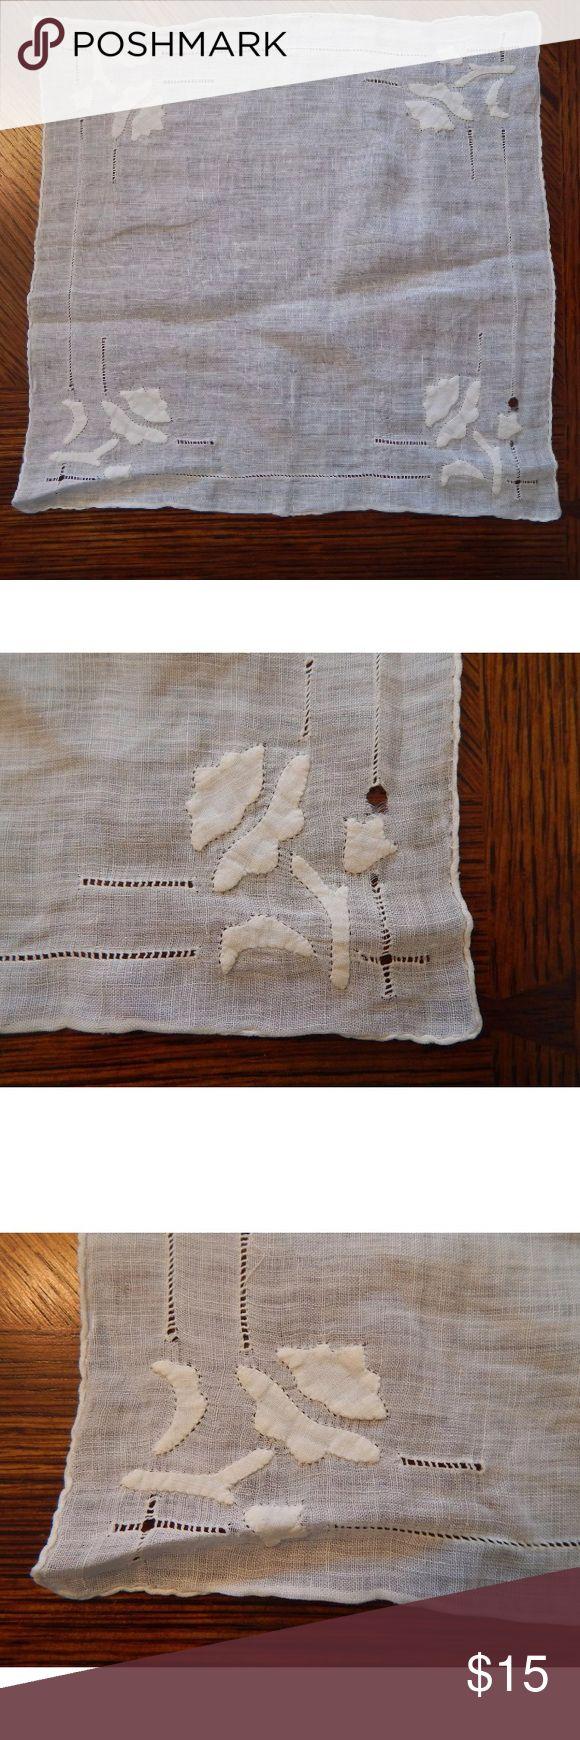 """Vintage 1920s Nouveau Tulip Mens Pocket Square Vintage 1920s White Nouveau Tulip Mens Handkerchief Pocket Square  10"""" x 10"""" Vintage Accessories Pocket Squares"""